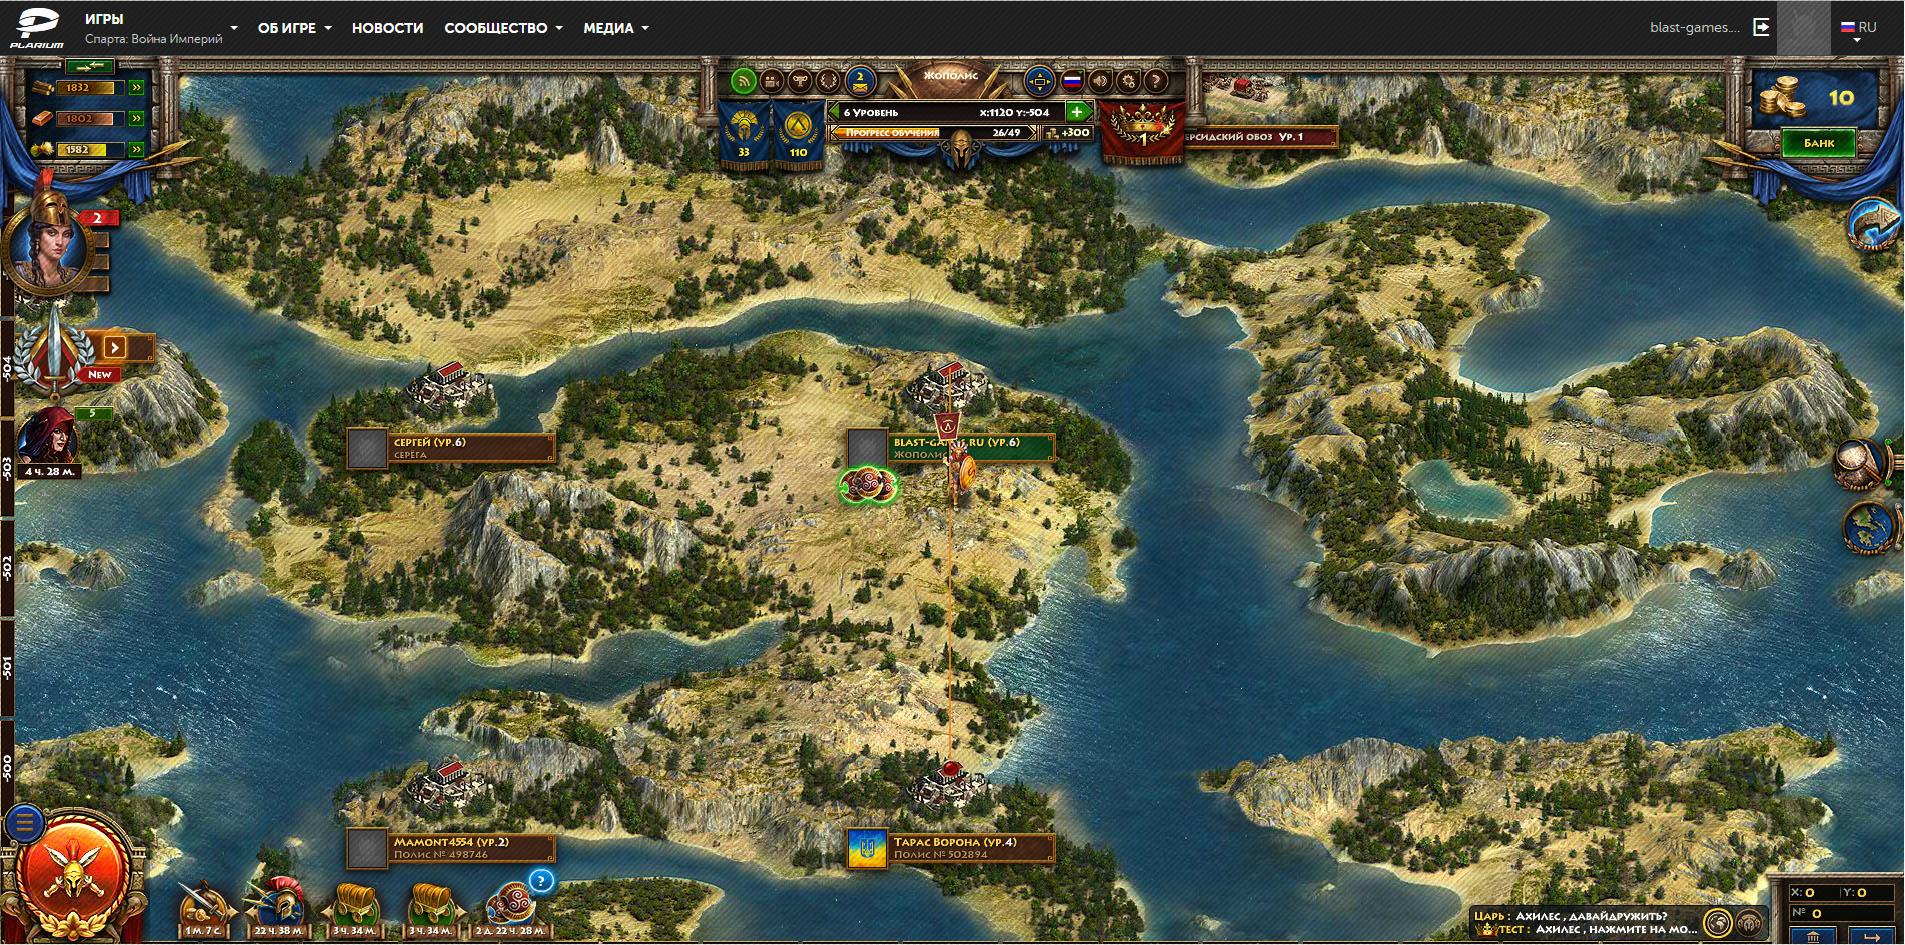 sparta-vojna-imperij-obzor-pic-2